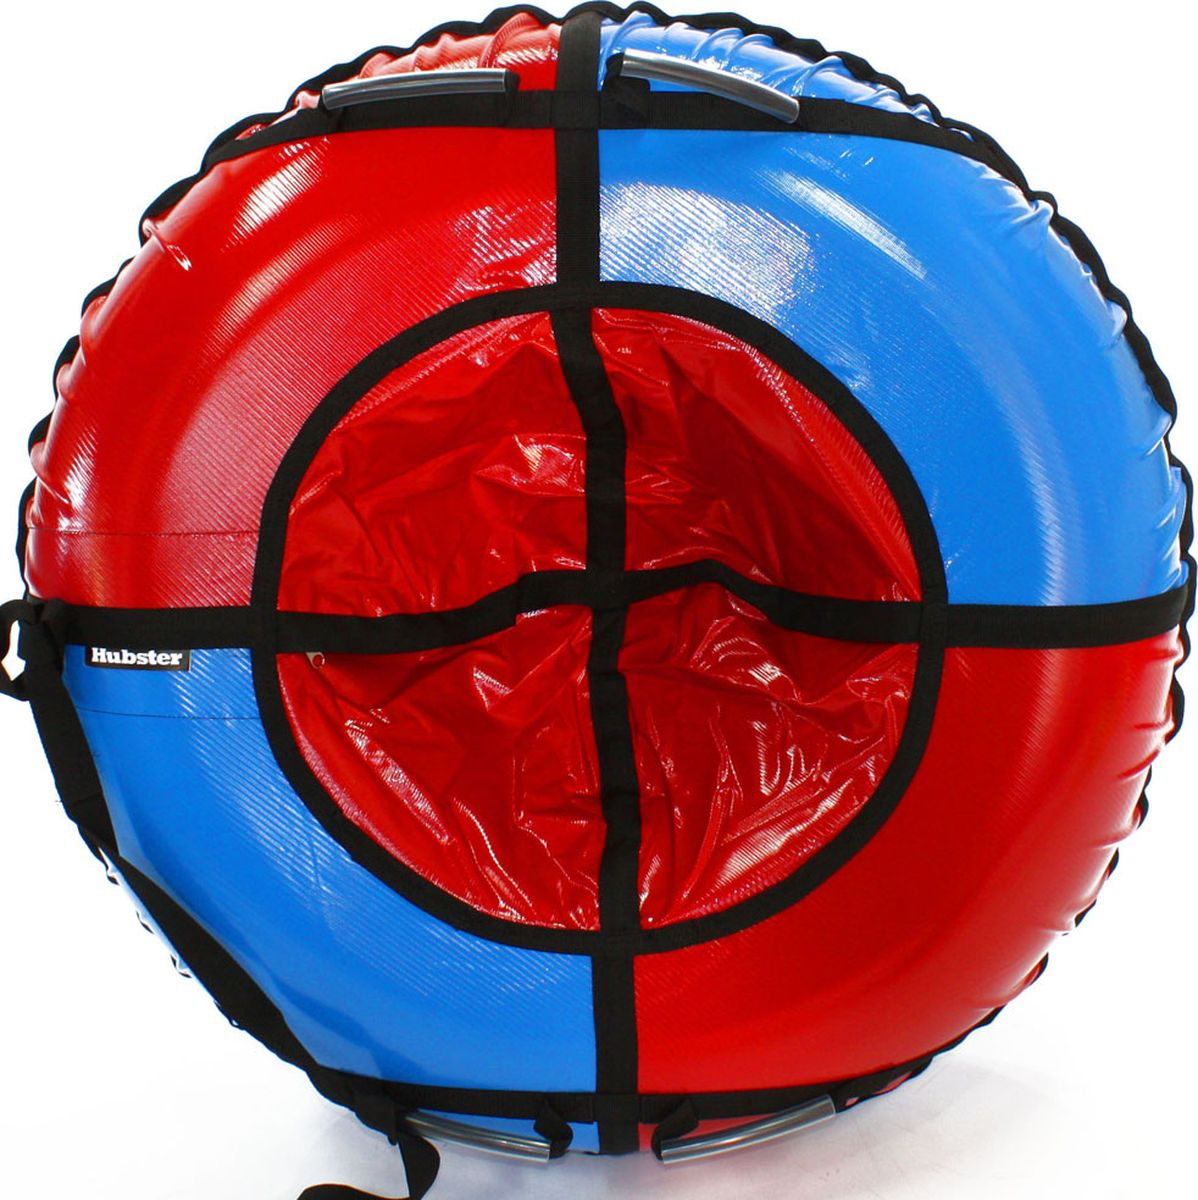 Тюбинг Hubster Sport Plus, цвет: красный, синий, диаметр 105 смво4188-1